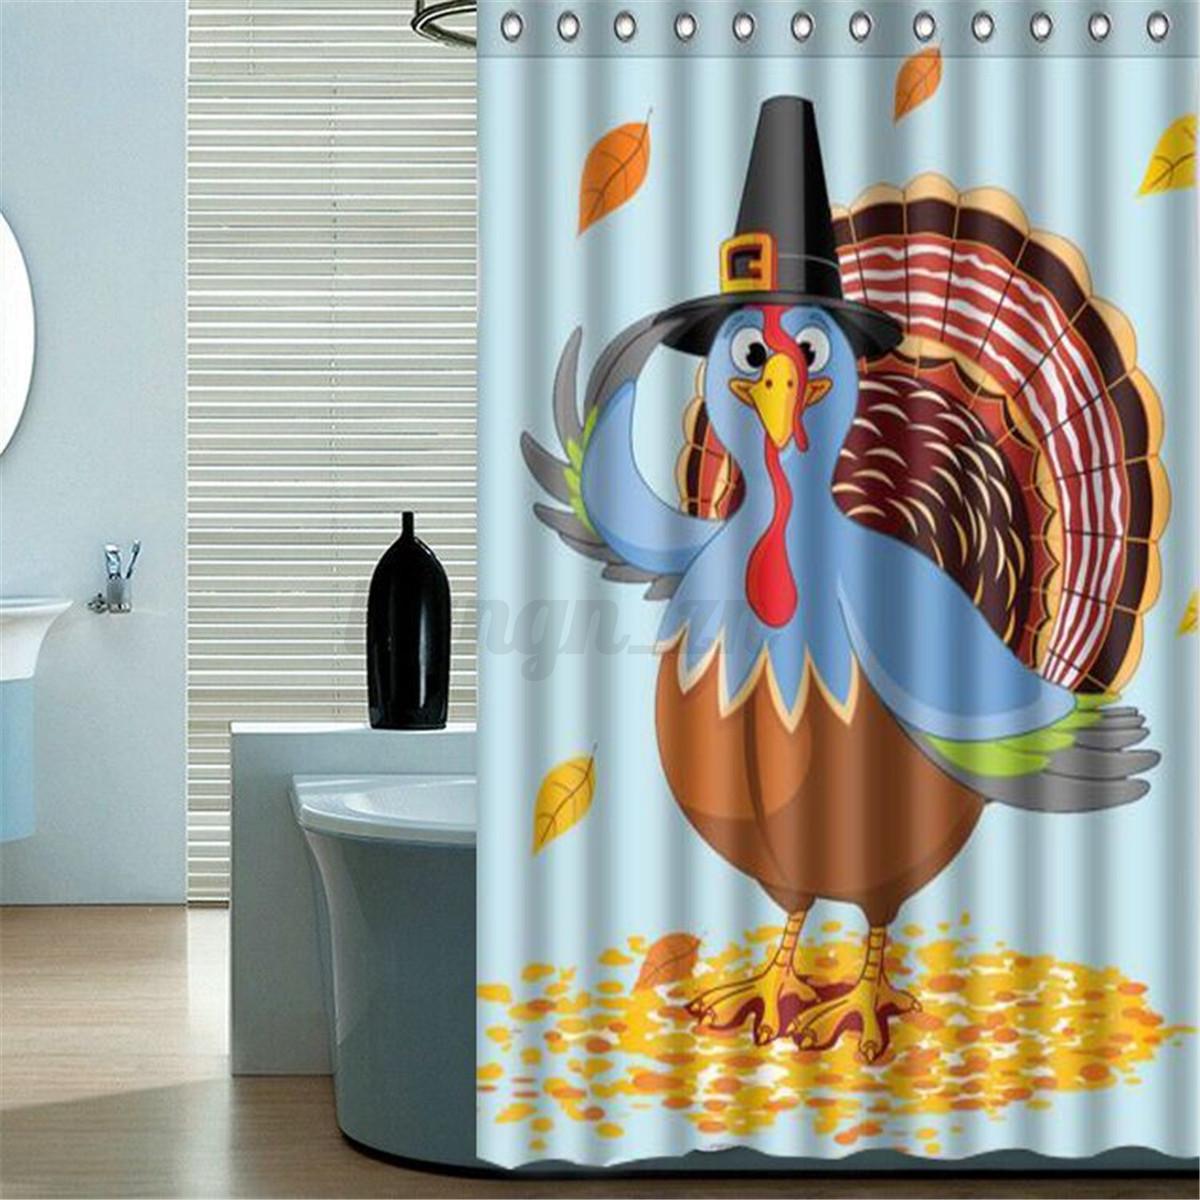 Home & Garden > Bath > Shower Curtains